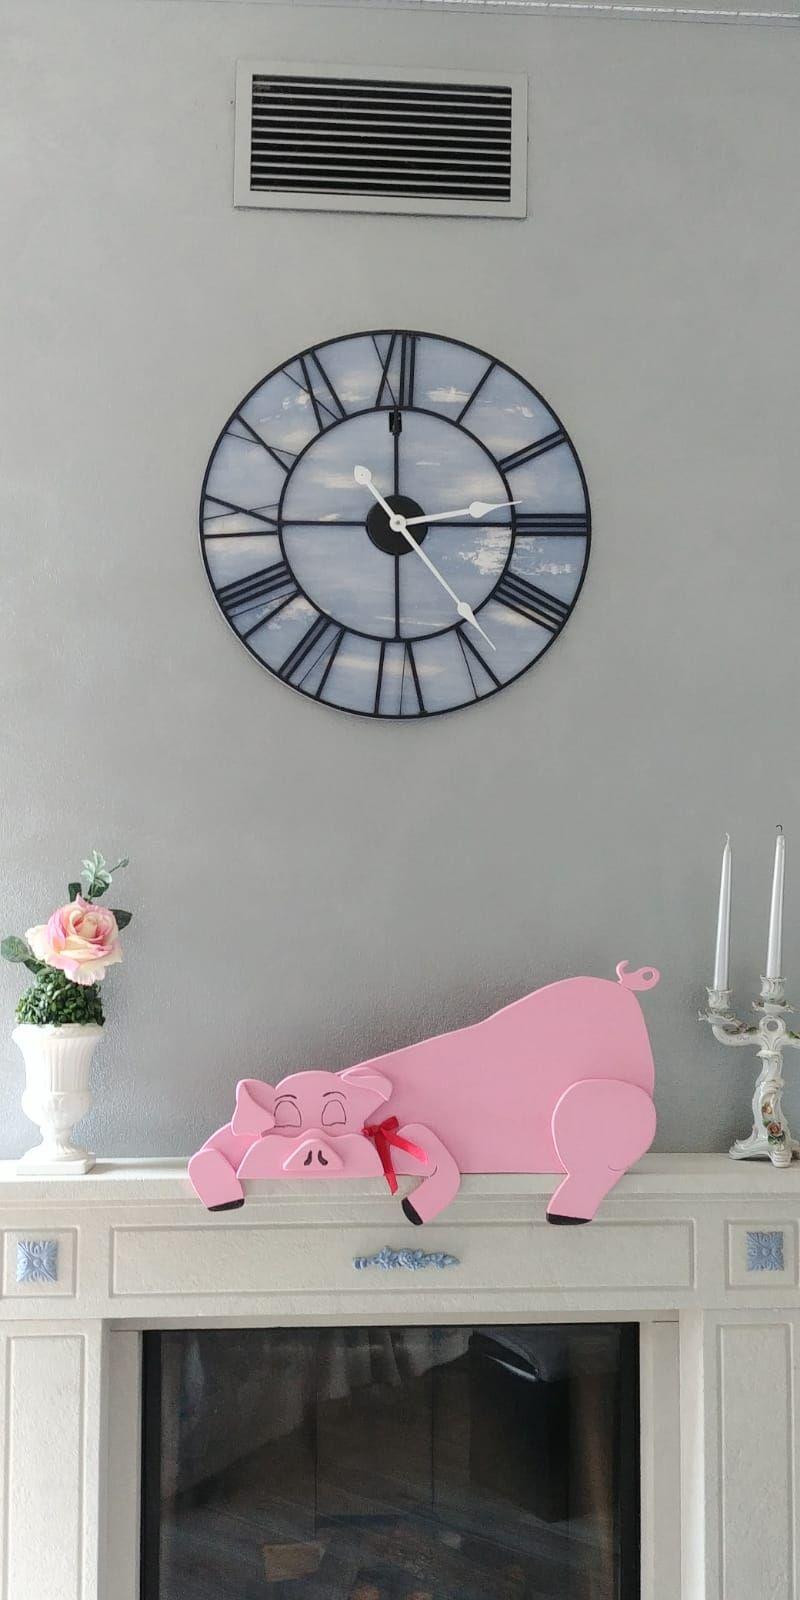 maialino-rosa